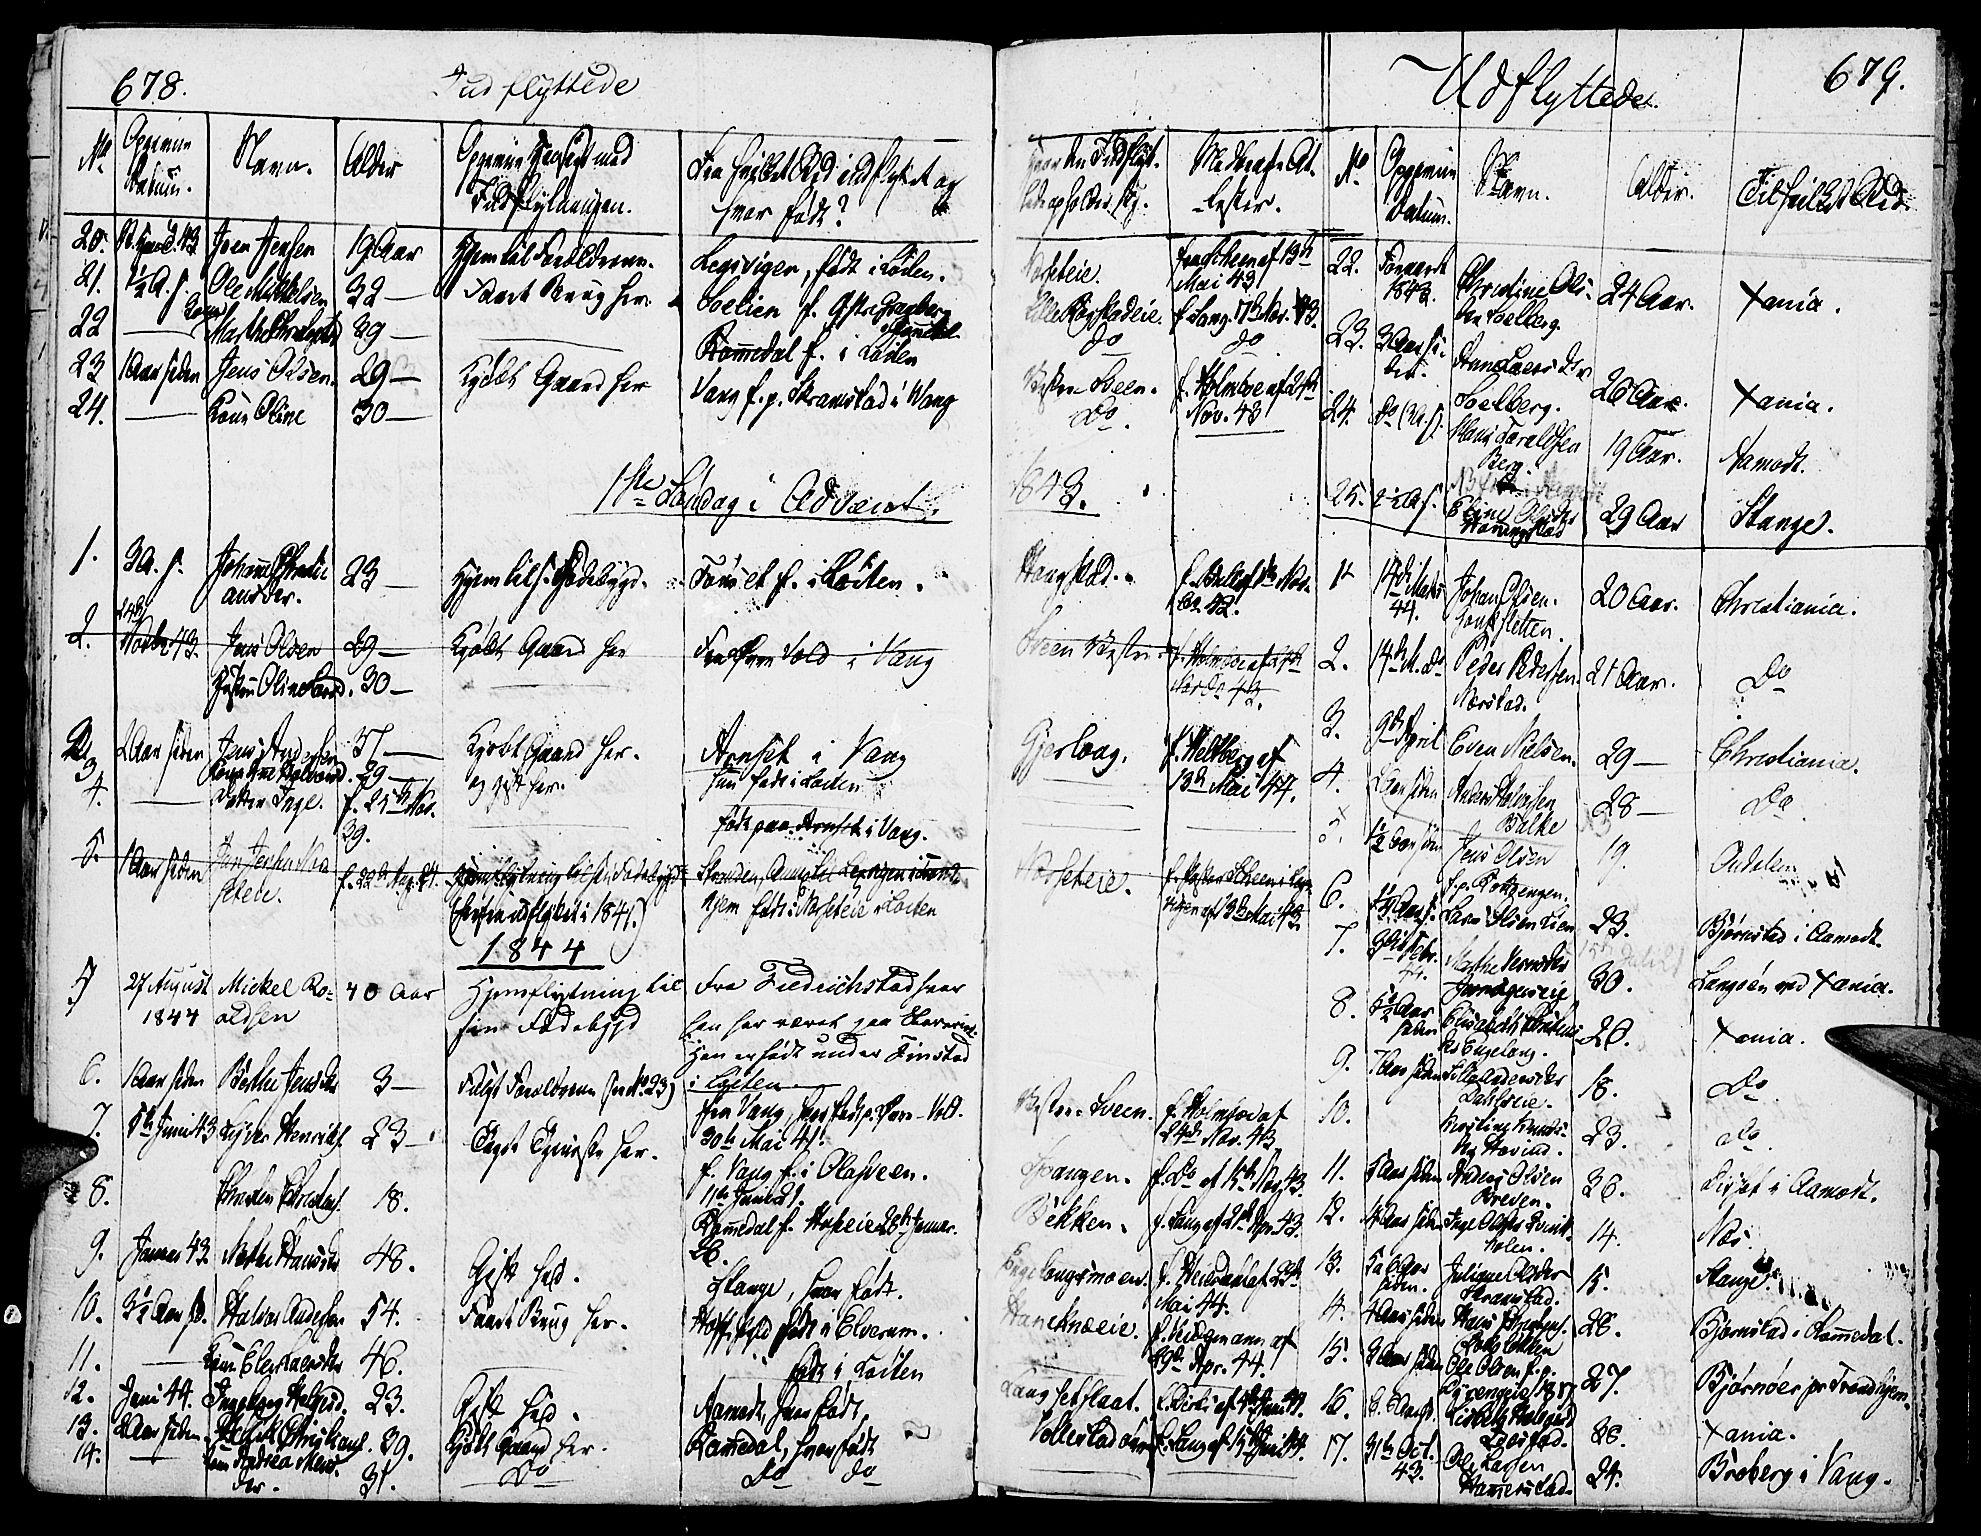 SAH, Løten prestekontor, K/Ka/L0006: Parish register (official) no. 6, 1832-1849, p. 678-679